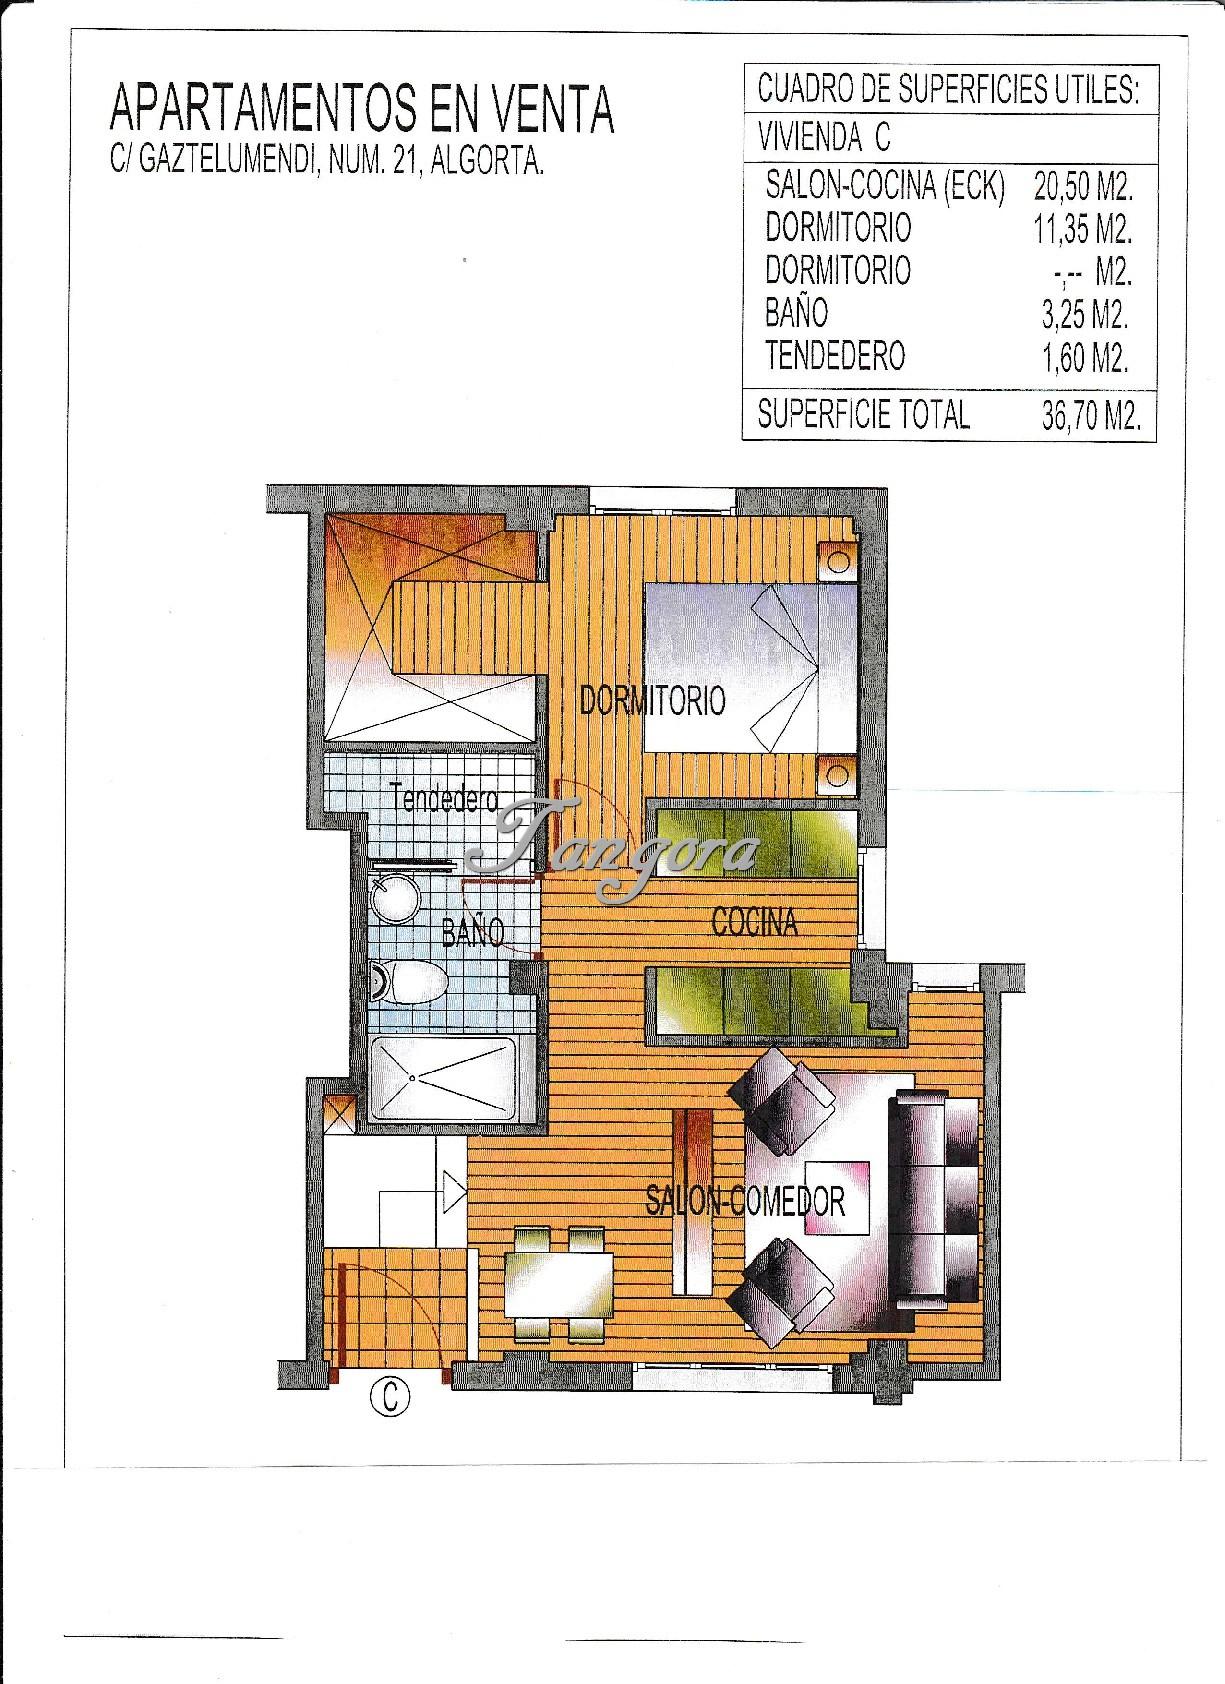 Próxima construcción de precioso apartamento en el centro de Algorta.